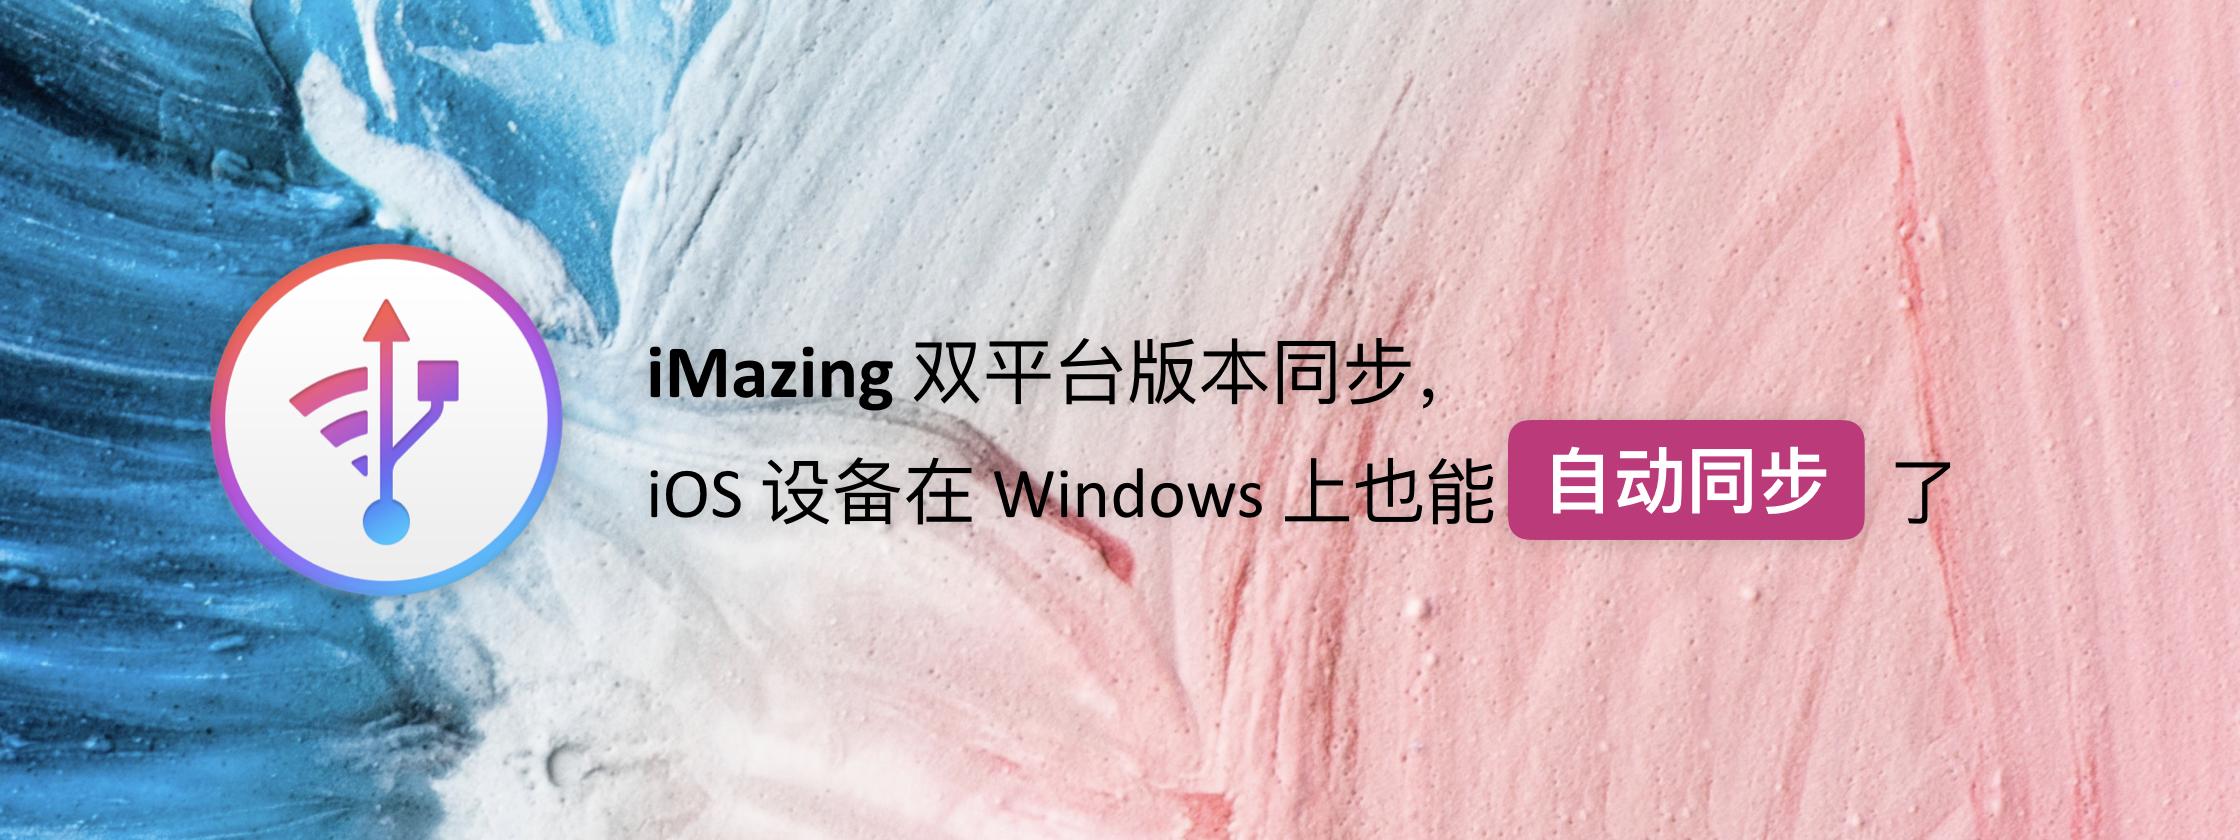 iMazing 双平台版本同步,iOS 设备在 Windows 上也能自动备份了